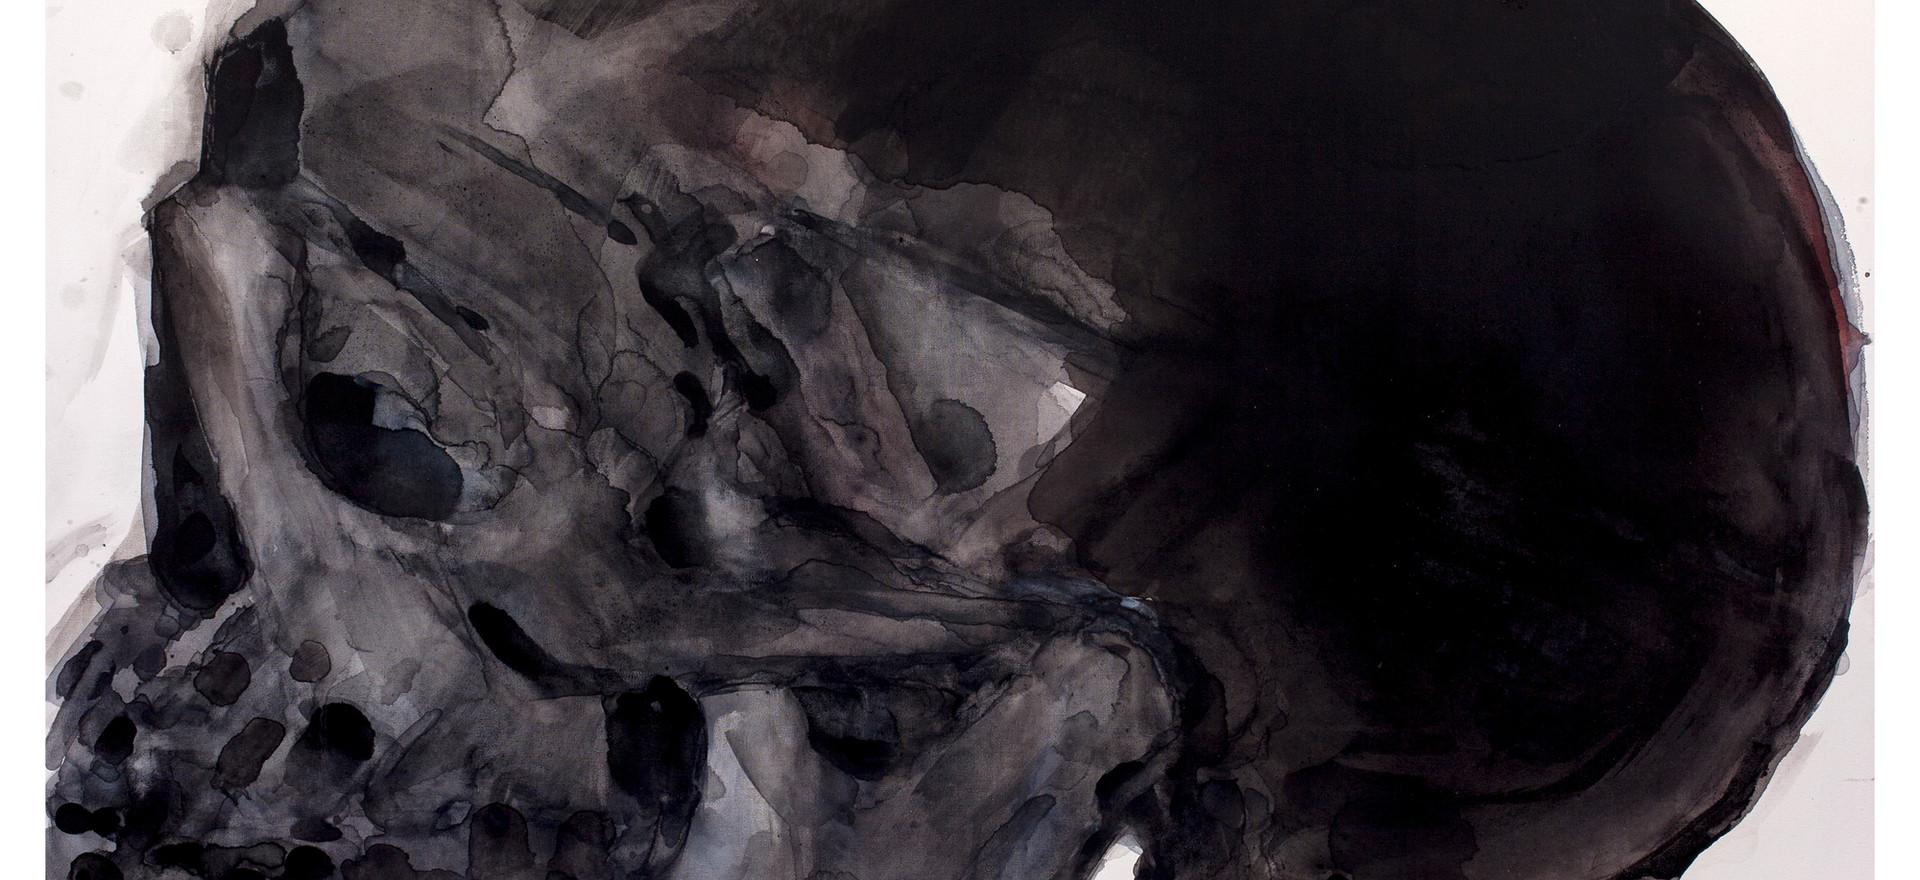 'Eclipse', 2016, watercolour on canvas, 75.5 x 99.5 cm